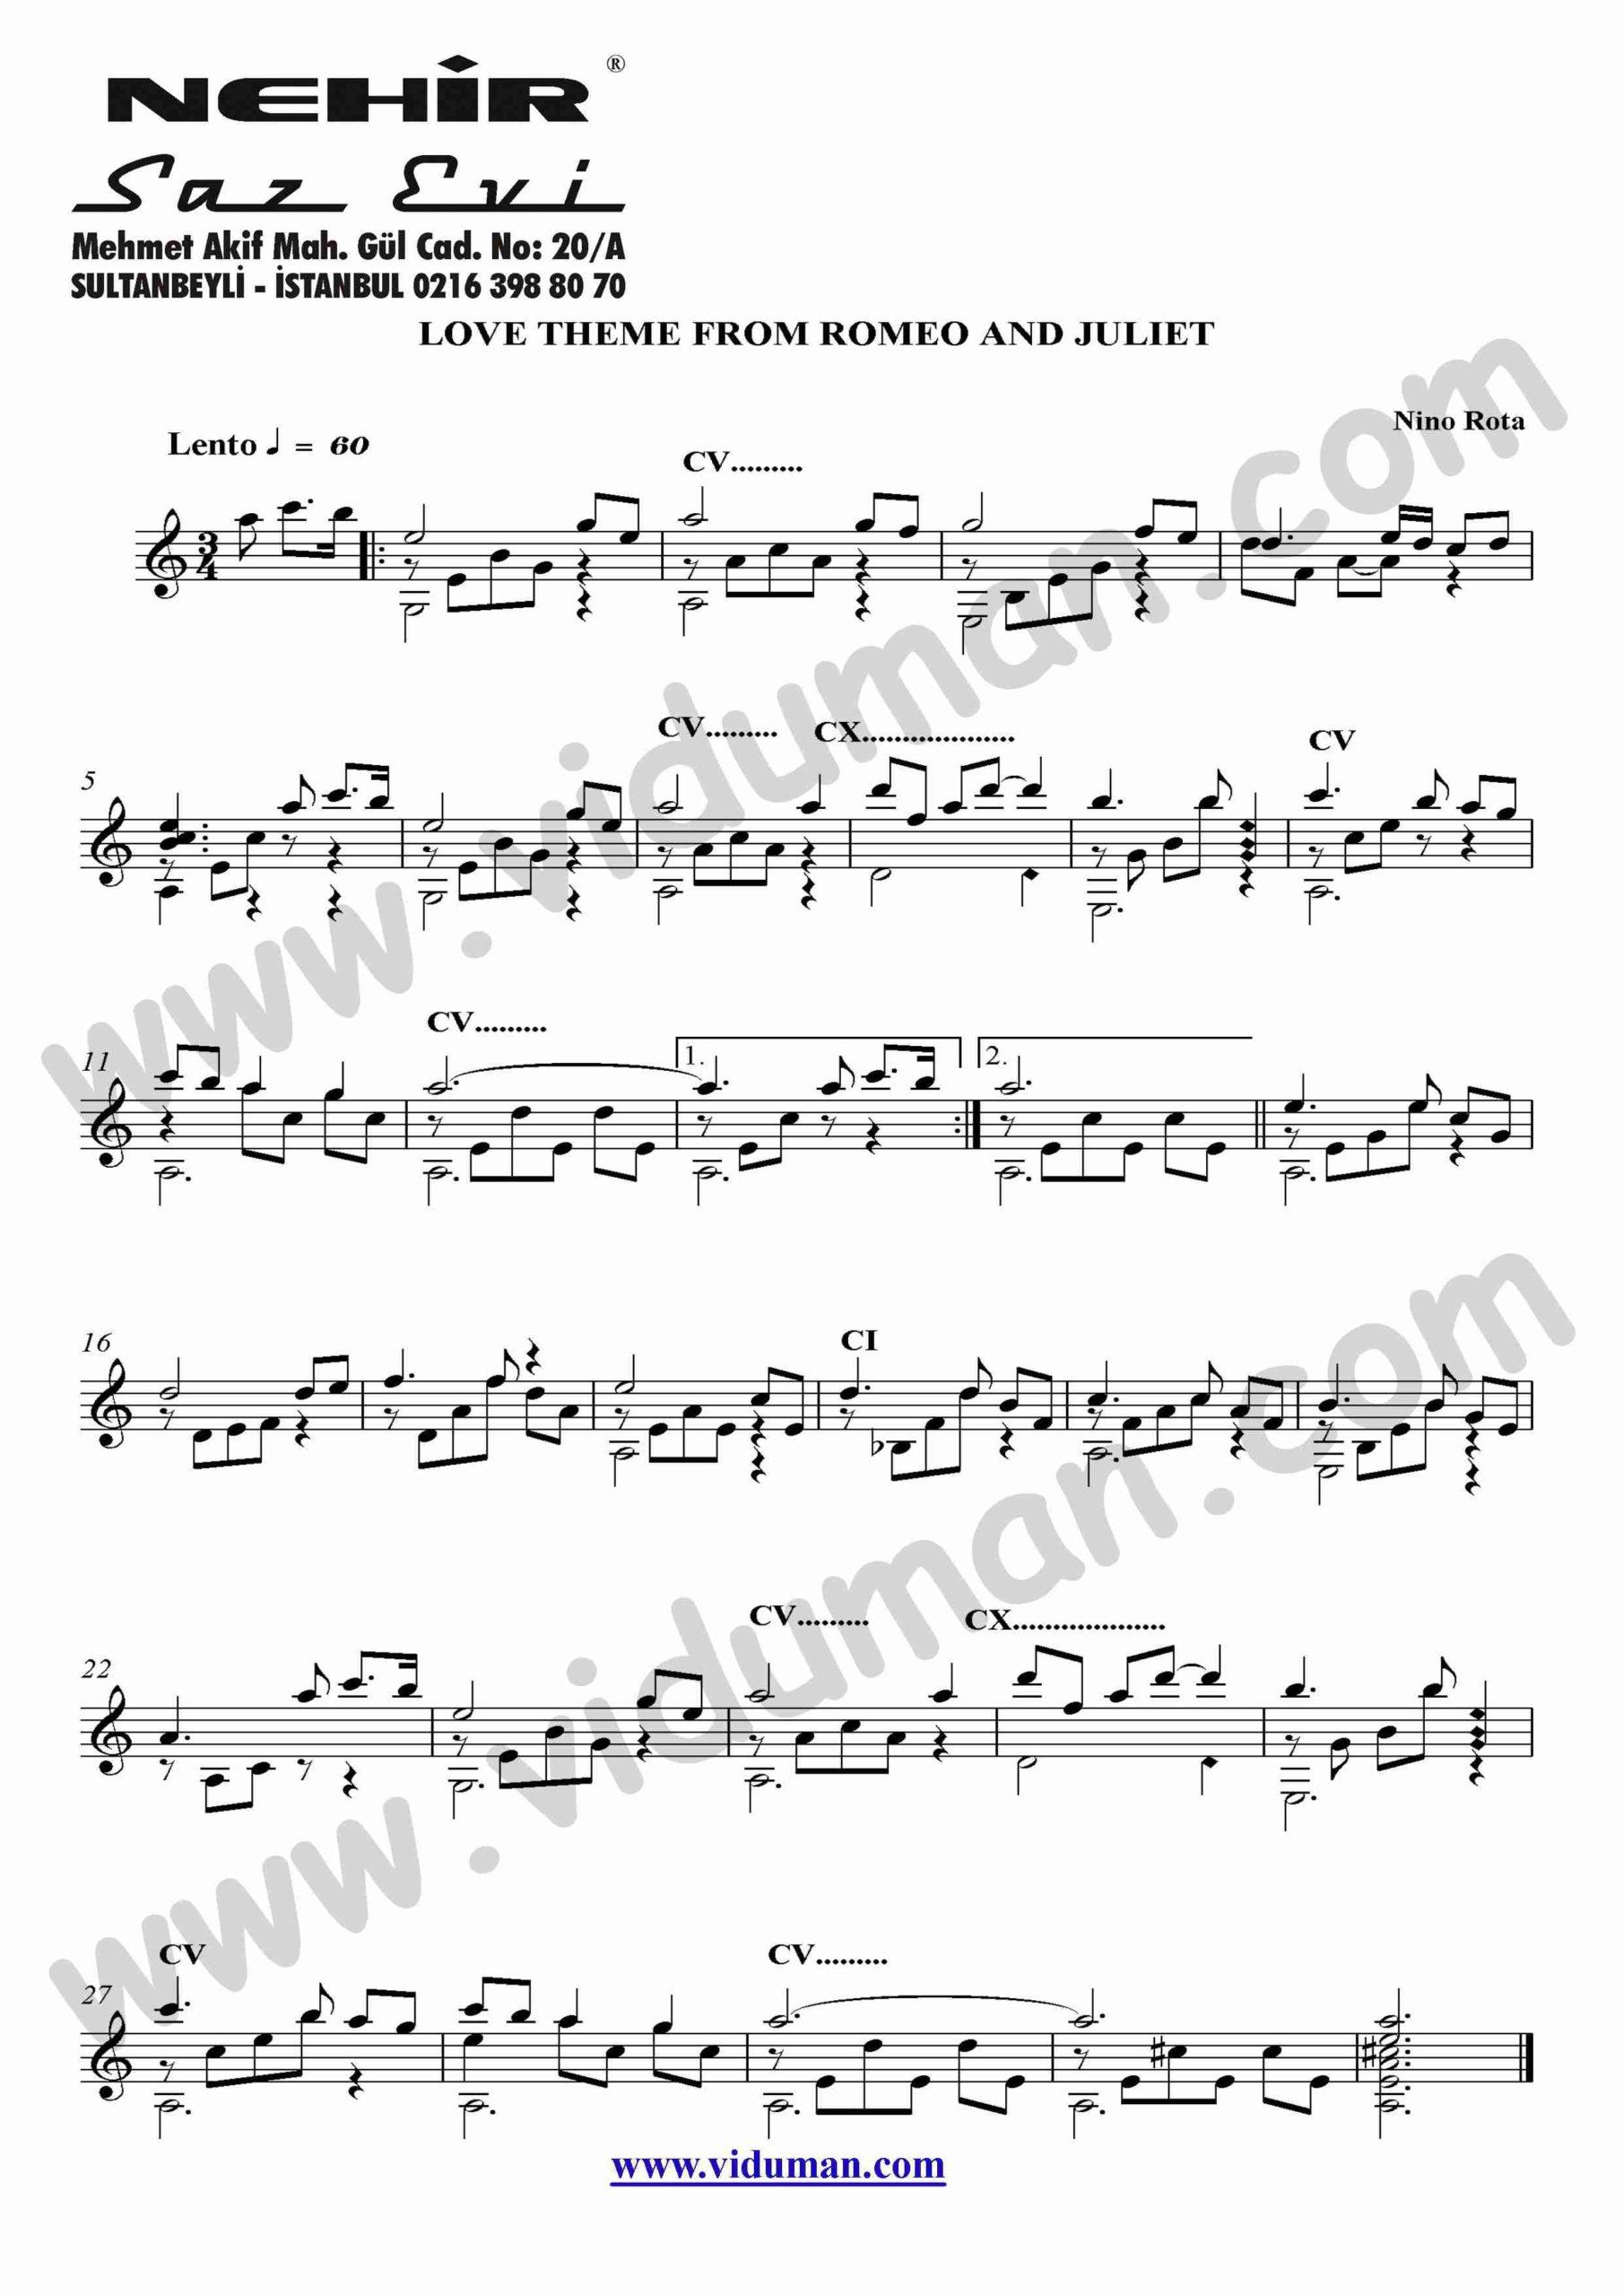 78- Love Theme From Romeo And Juliet (Nino Rota)